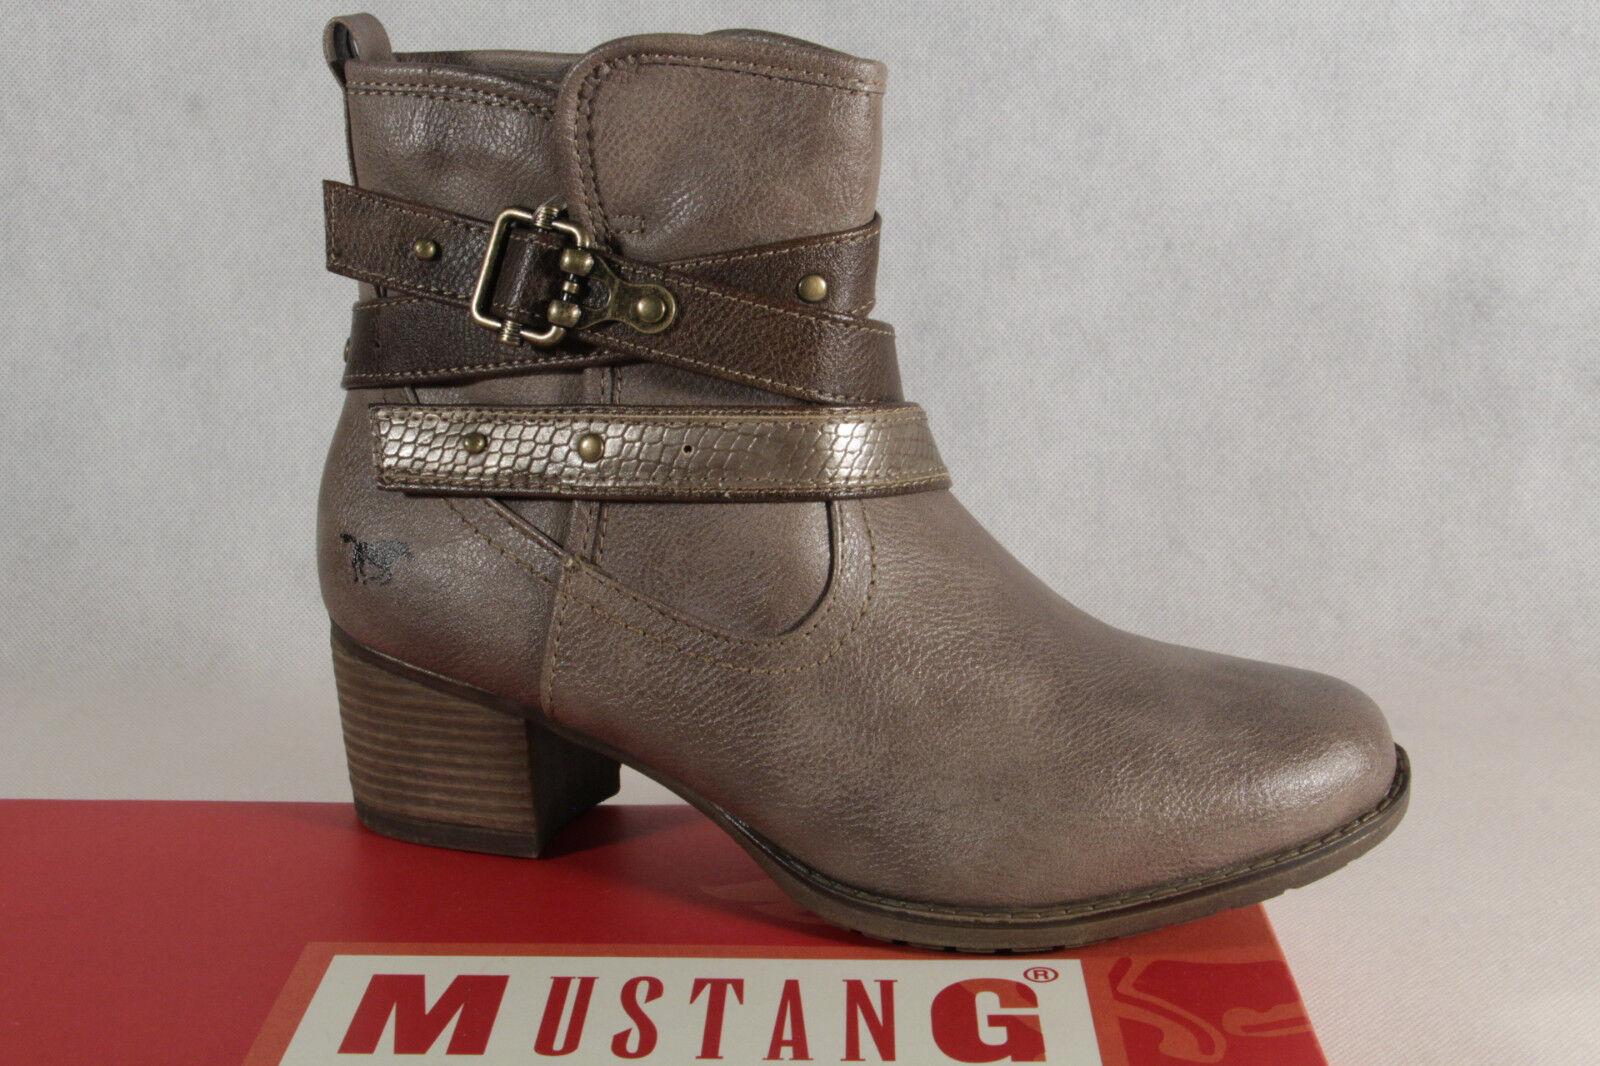 Mustang Damen Stiefel Stiefeletten Boots taupe braun leicht getH4